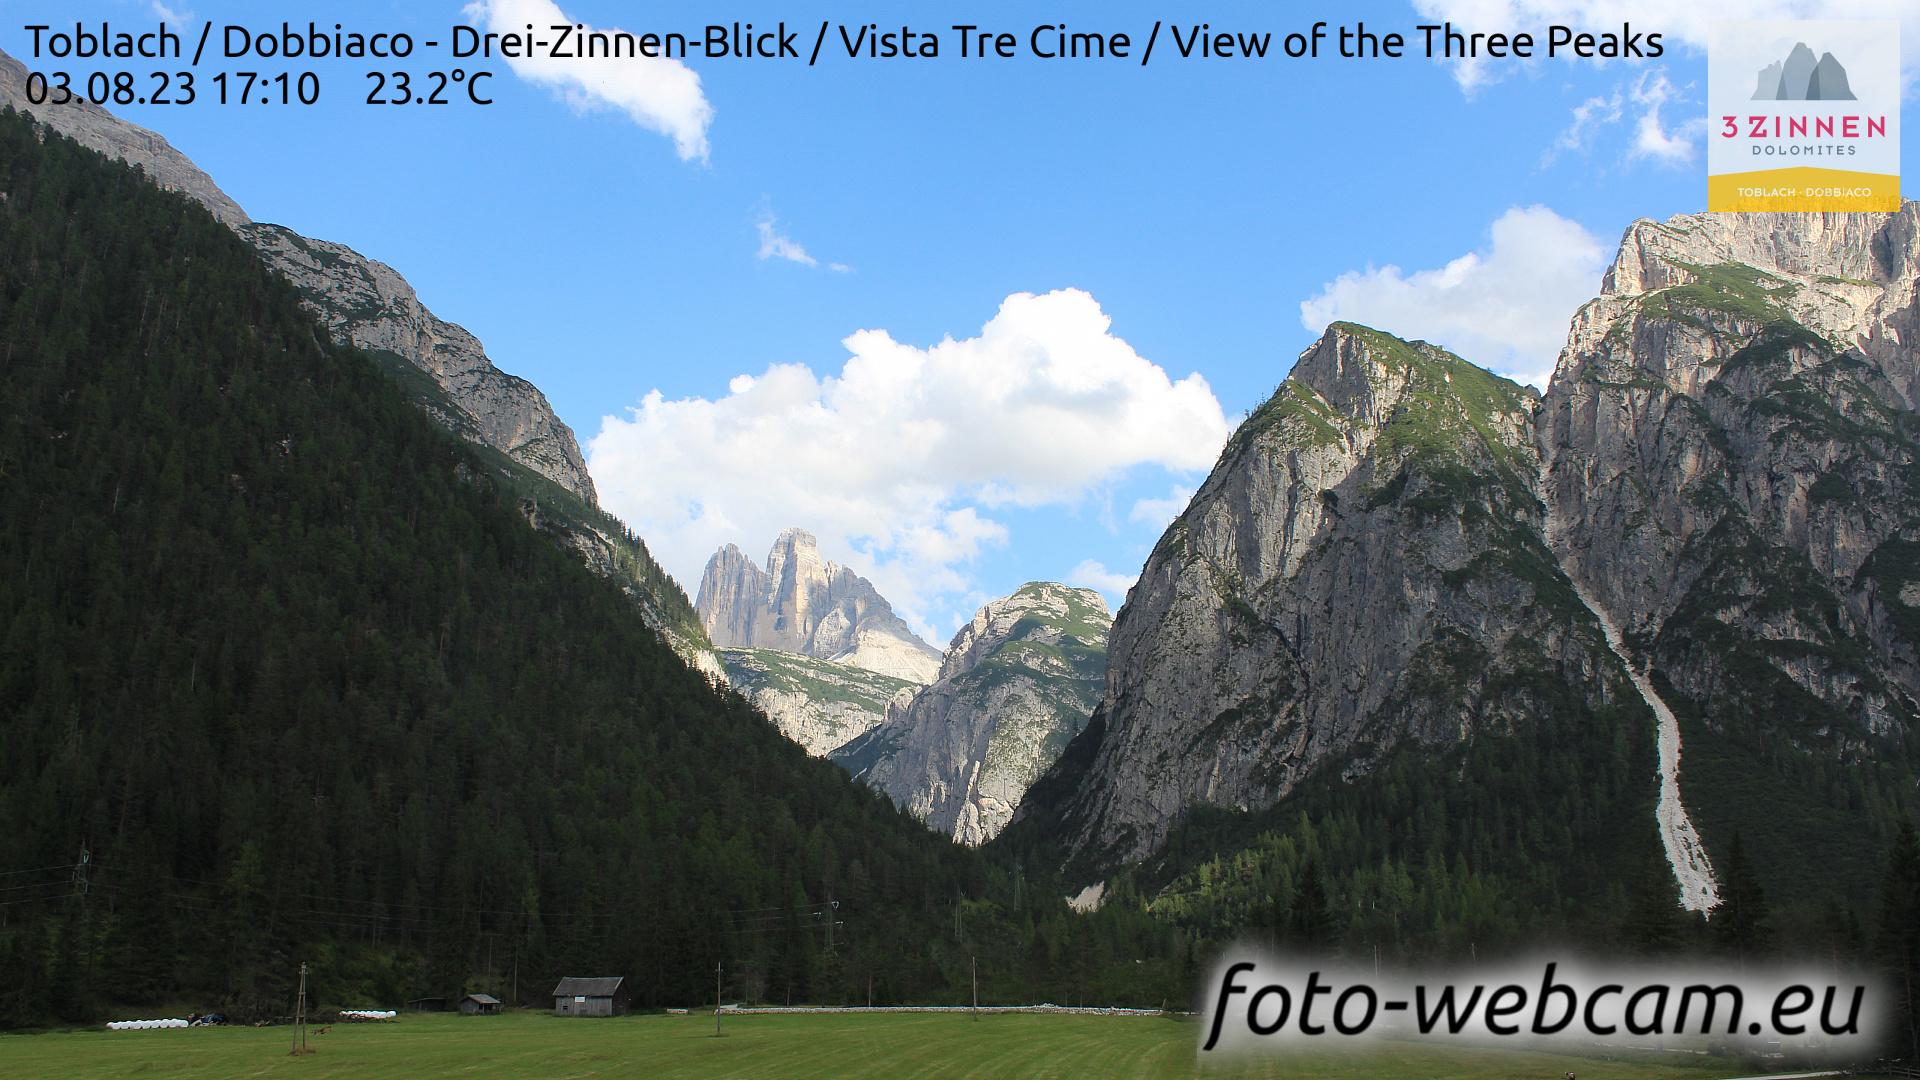 Toblach (Dolomites) Mon. 17:27